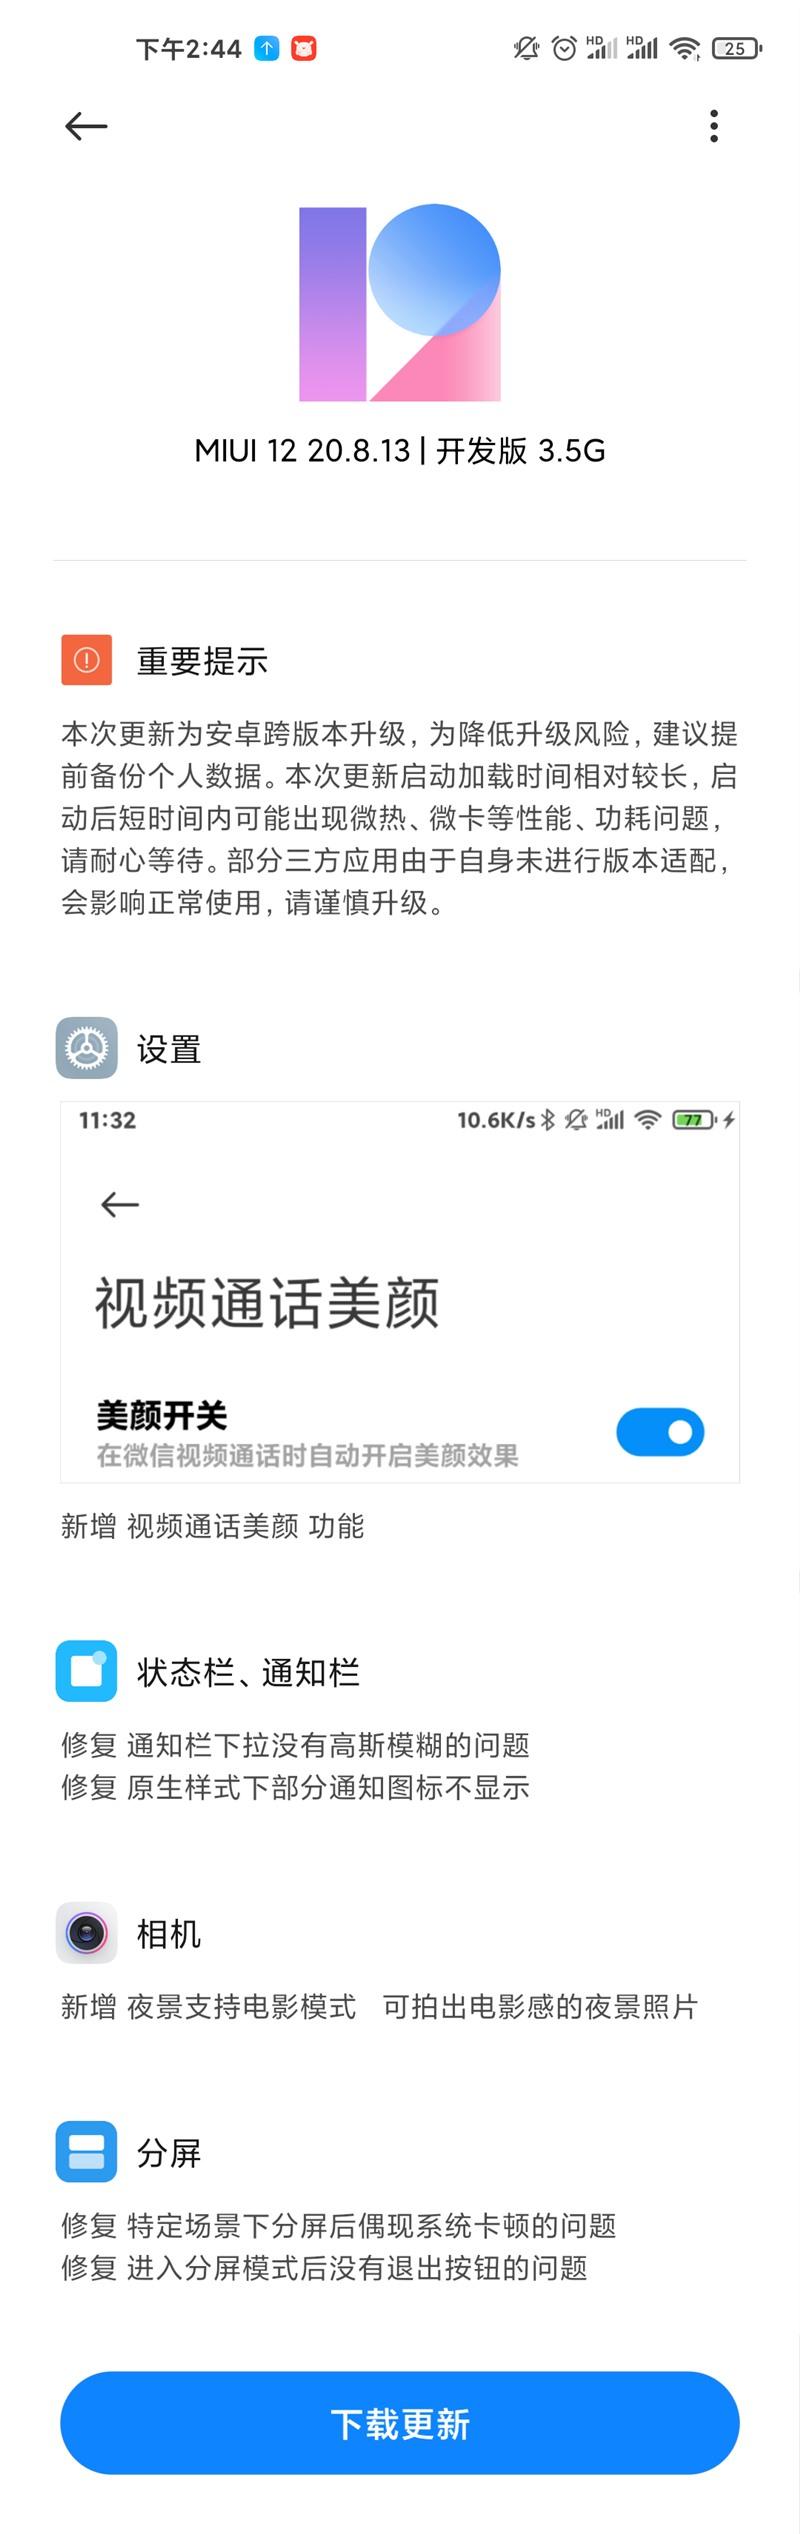 小米 10 系列 MIUI12 开发版再更新:基于安卓 11,新增视频美颜